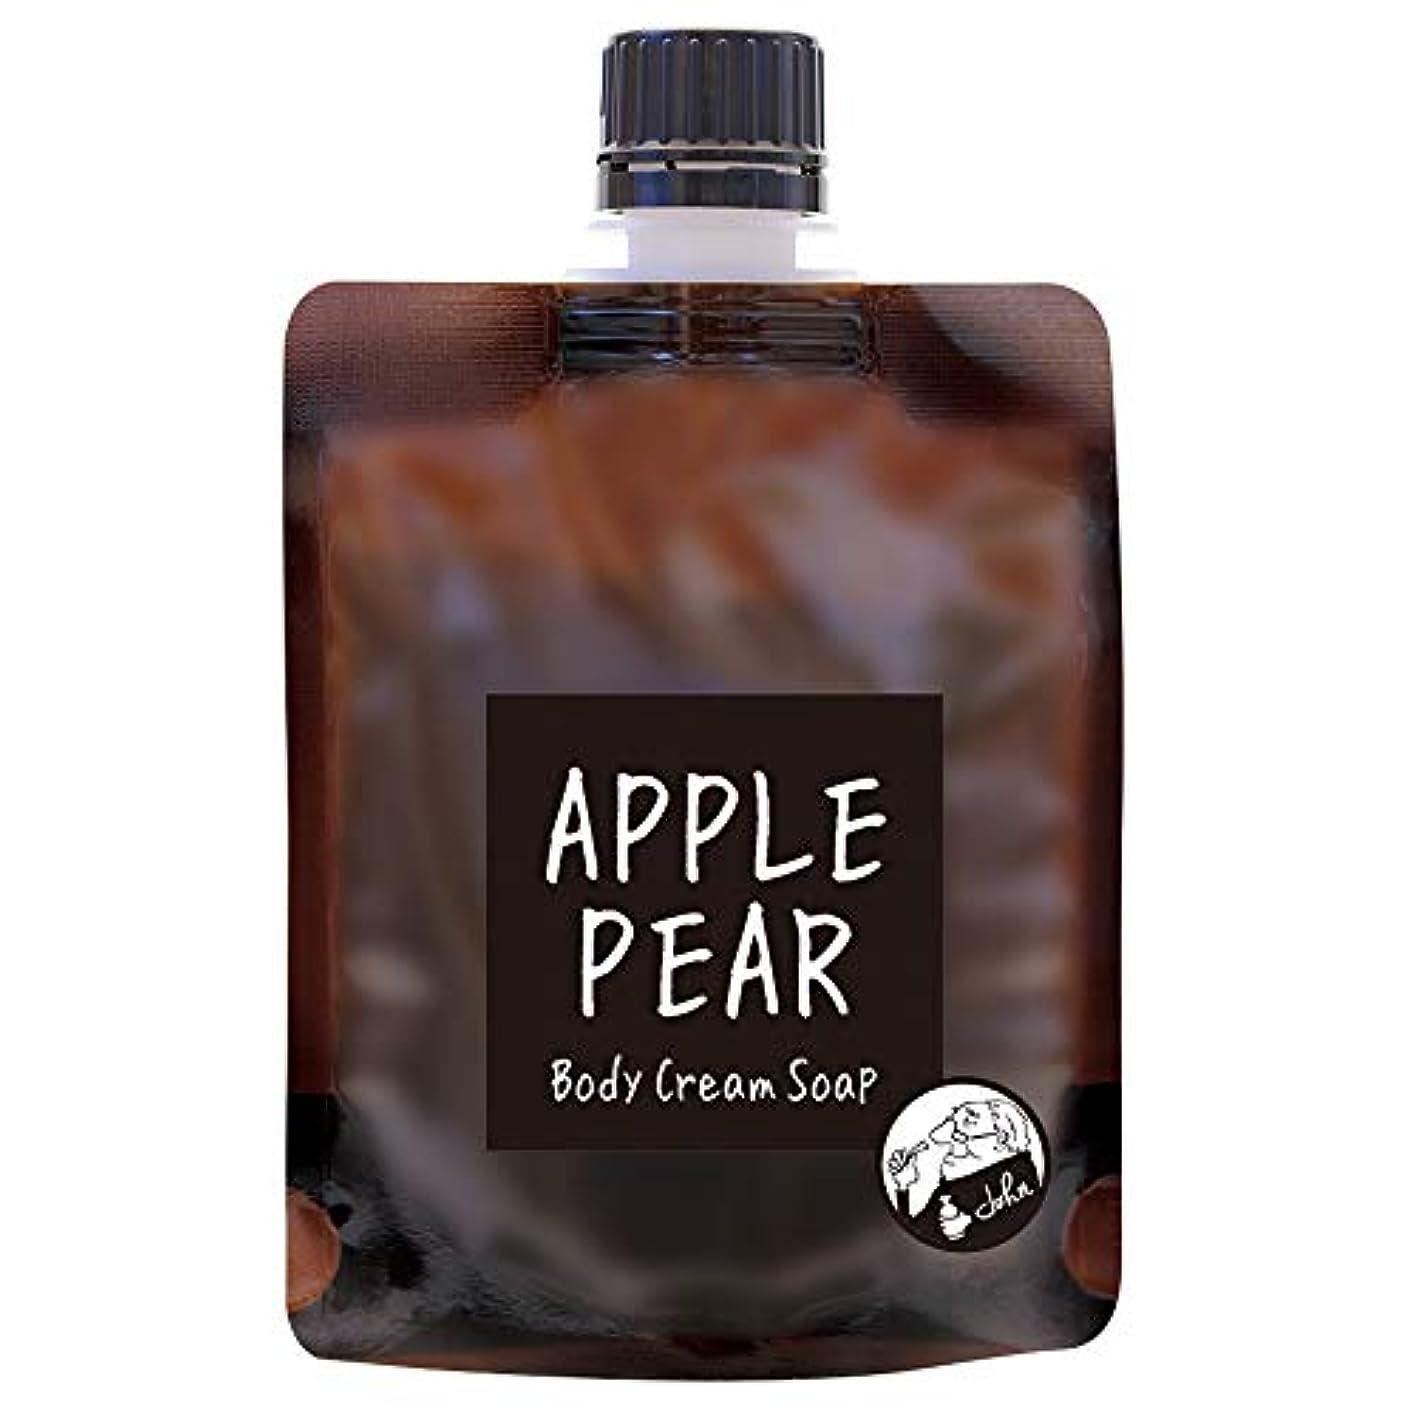 任意適性無礼にノルコーポレーション John's Blend ボディクリームソープ 保湿成分配合 OA-JON-19-4 ボディソープ アップルペアーの香り 100g